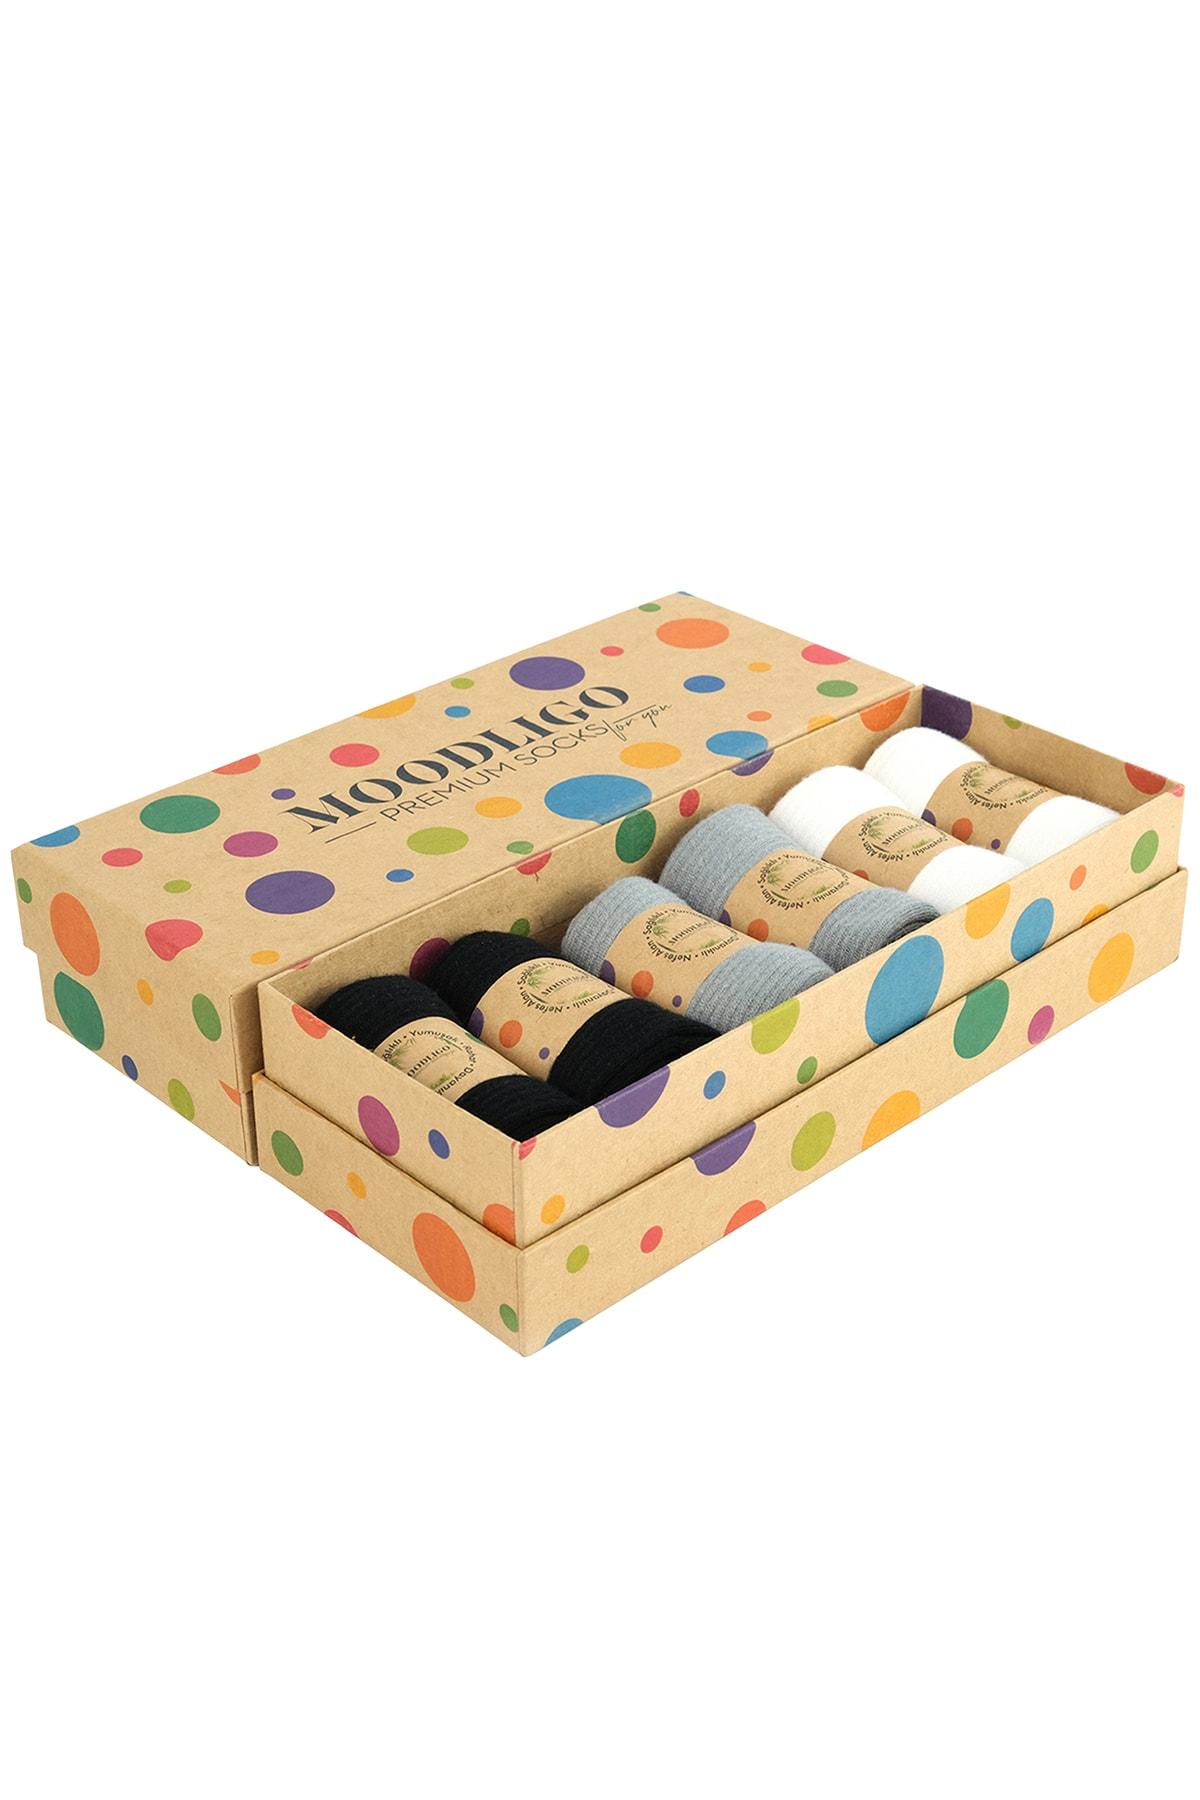 Moodligo Premium 6'lı Bambu Kadın Tenis Çorap - 2 Siyah 2 Gri 2 Beyaz 1